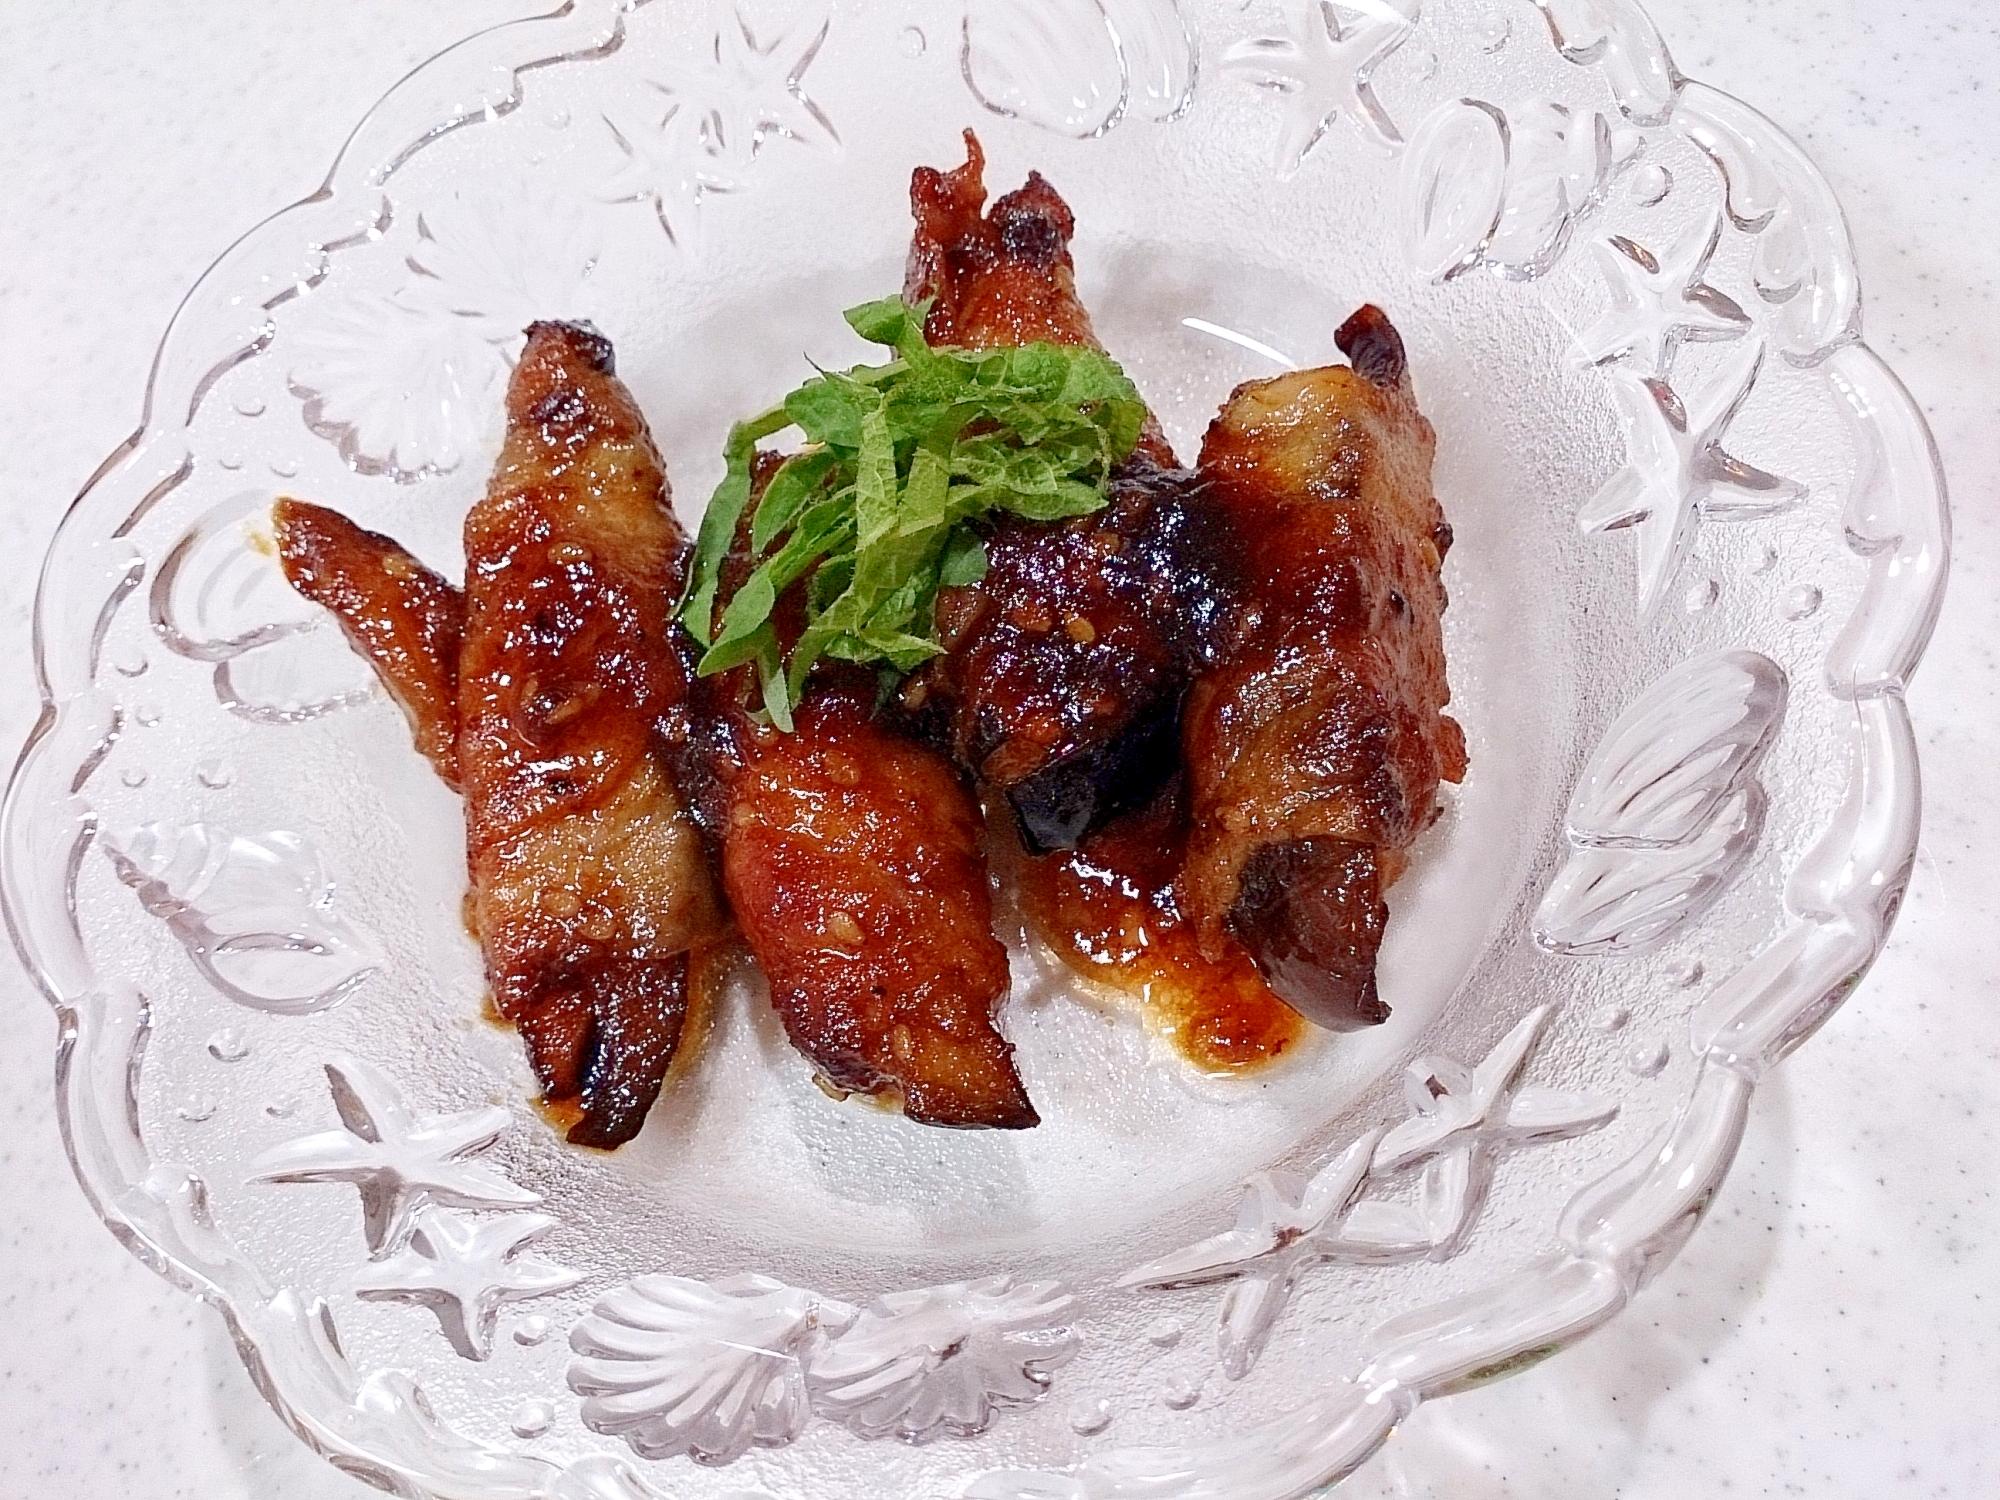 豚バラ2枚で作るナス巻き焼き副菜